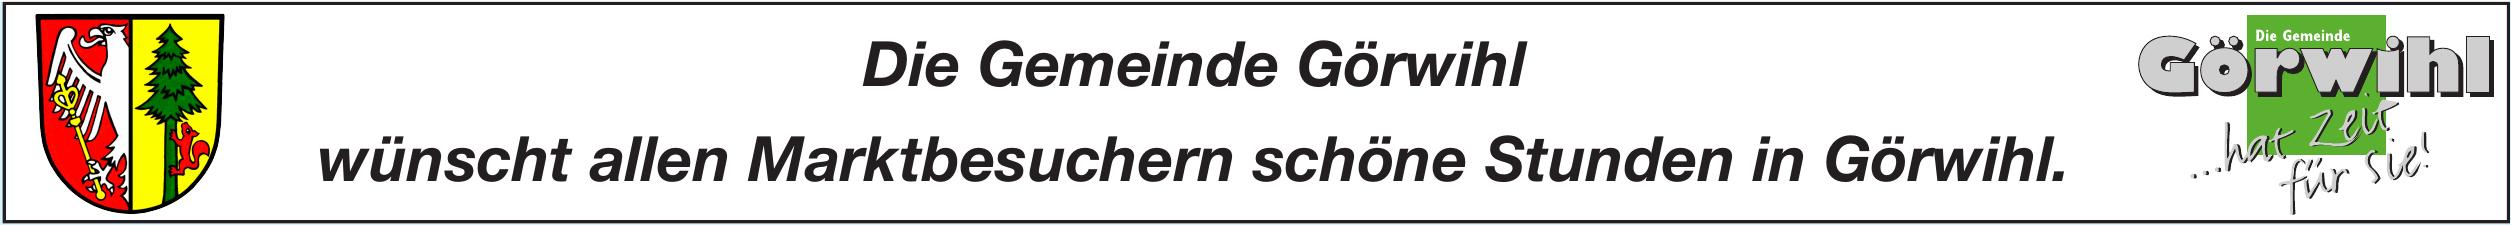 Die Gemeinde Görwihl